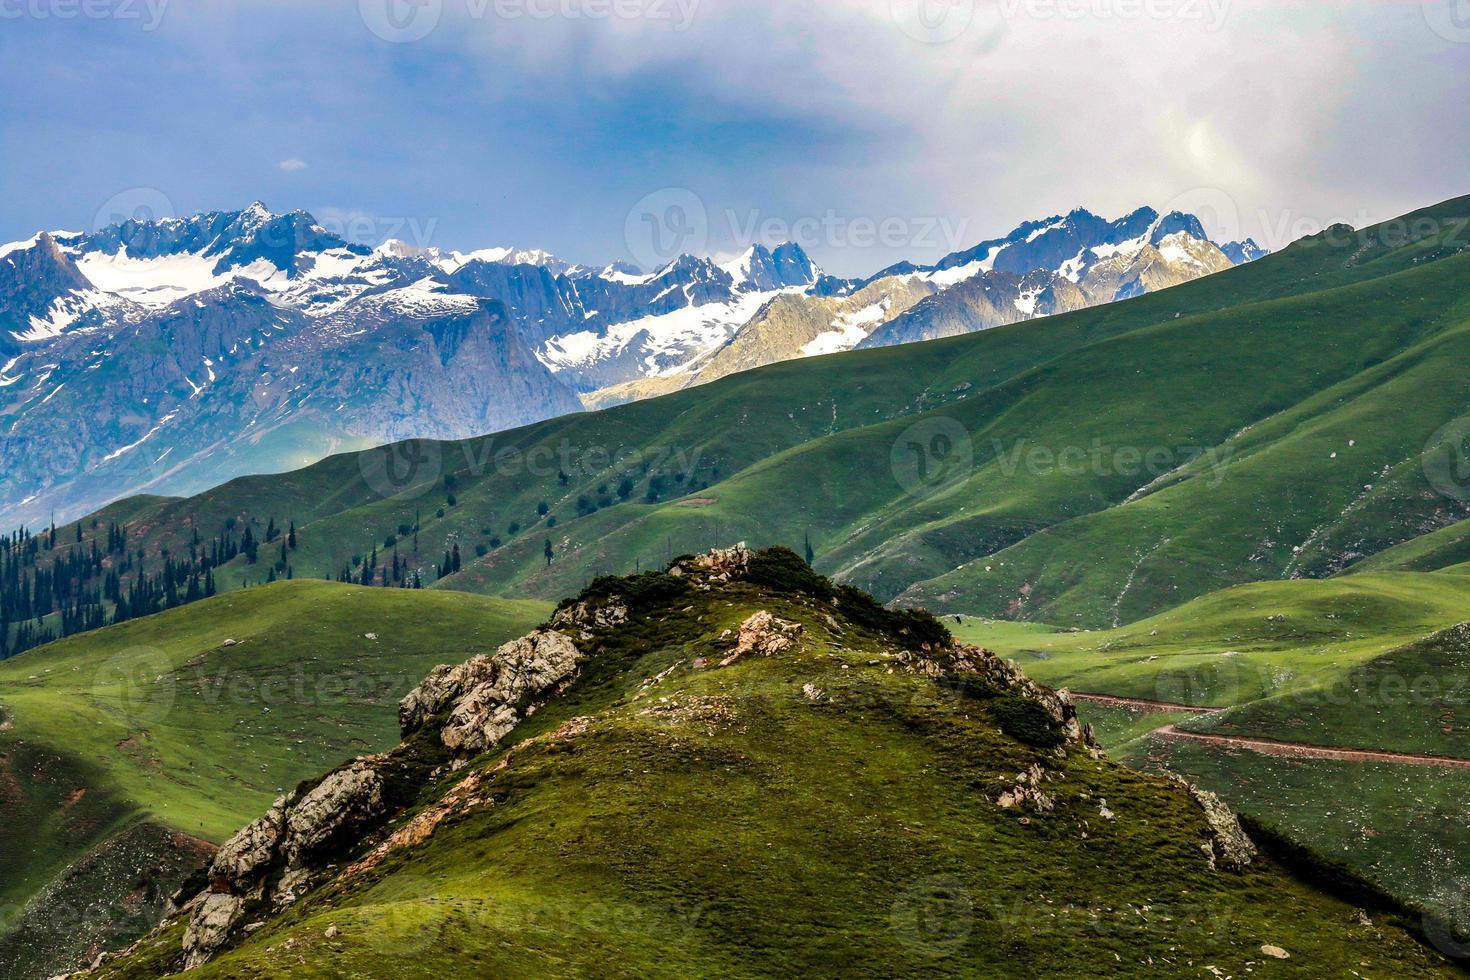 Batcondi Kumrat Valley Beautiful Landscape Mountain View foto